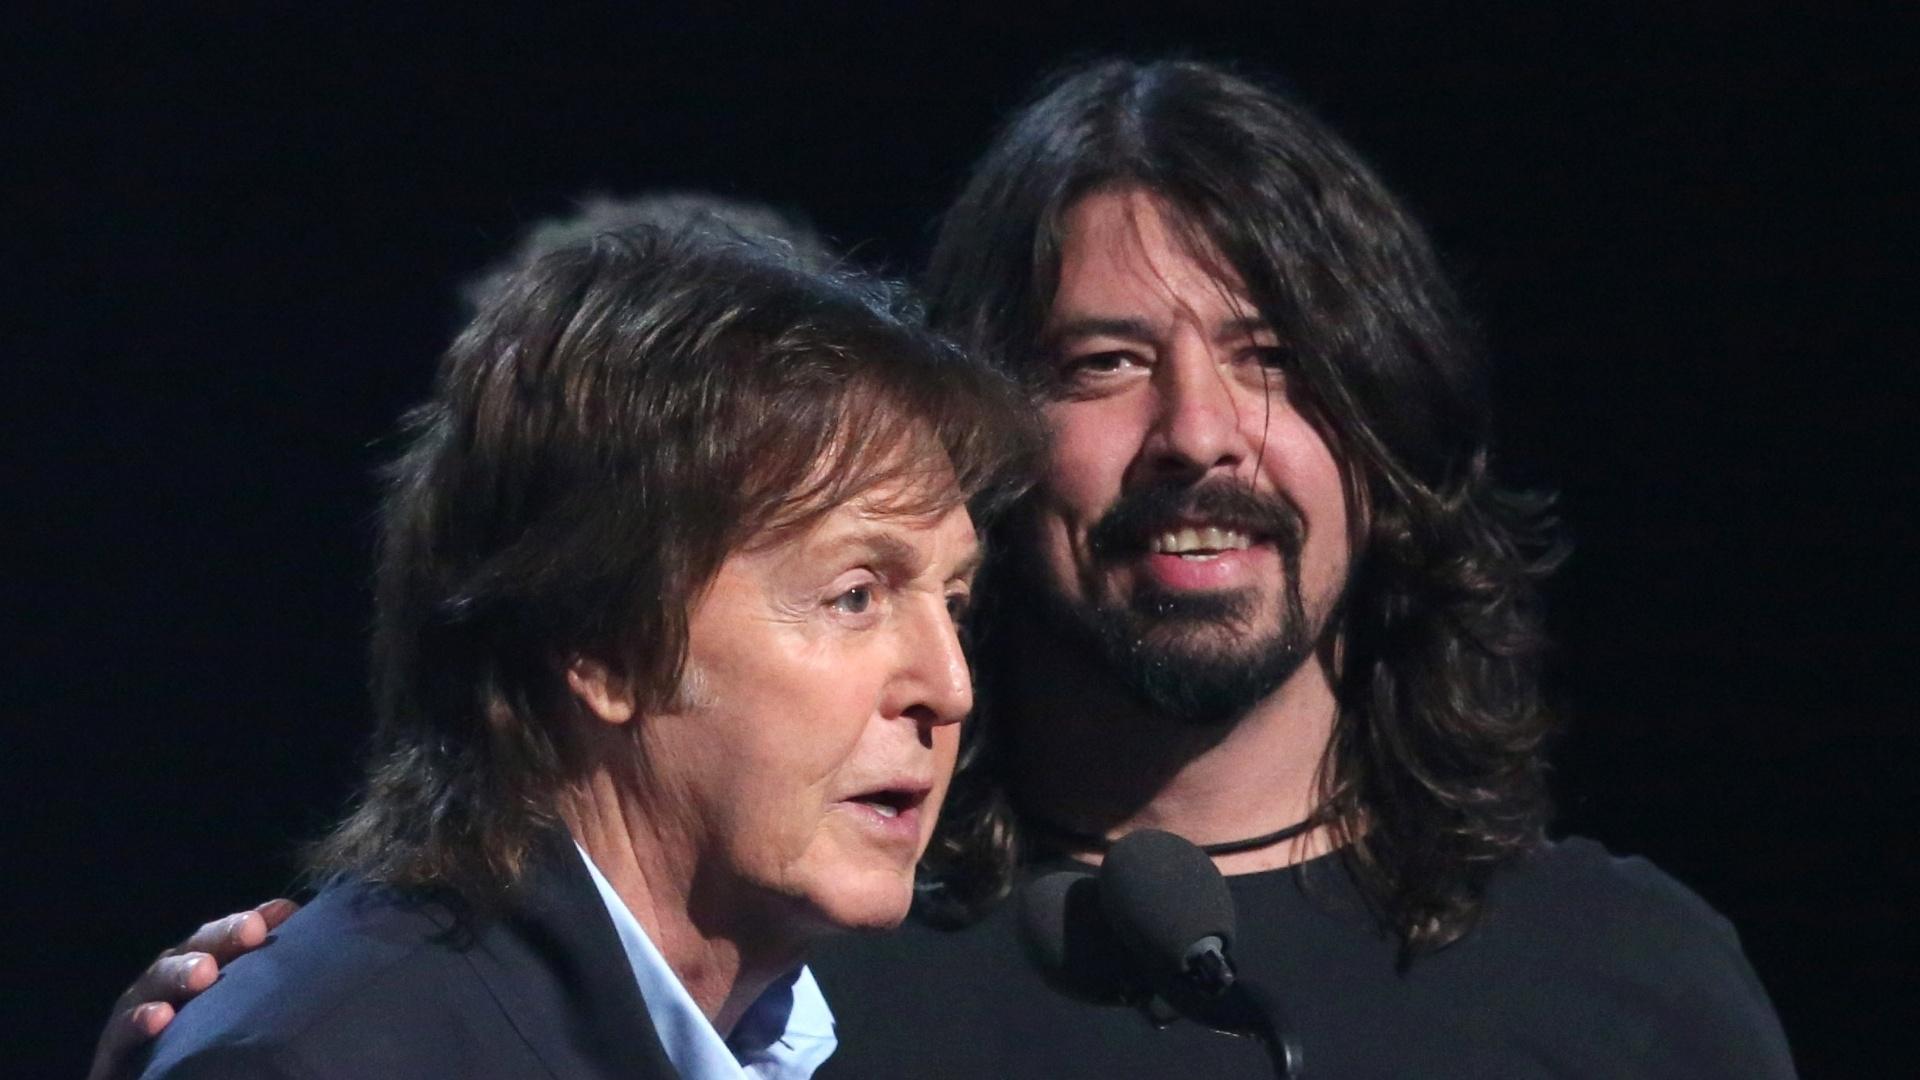 26.jan.2014 - Paul McCartney sobe ao palco do Grammy junto aos ex-integrantes do Nirvana Dave Grohl, Krist Novoselic, Pat Smear para receber o prêmio de melhor canção de rock por